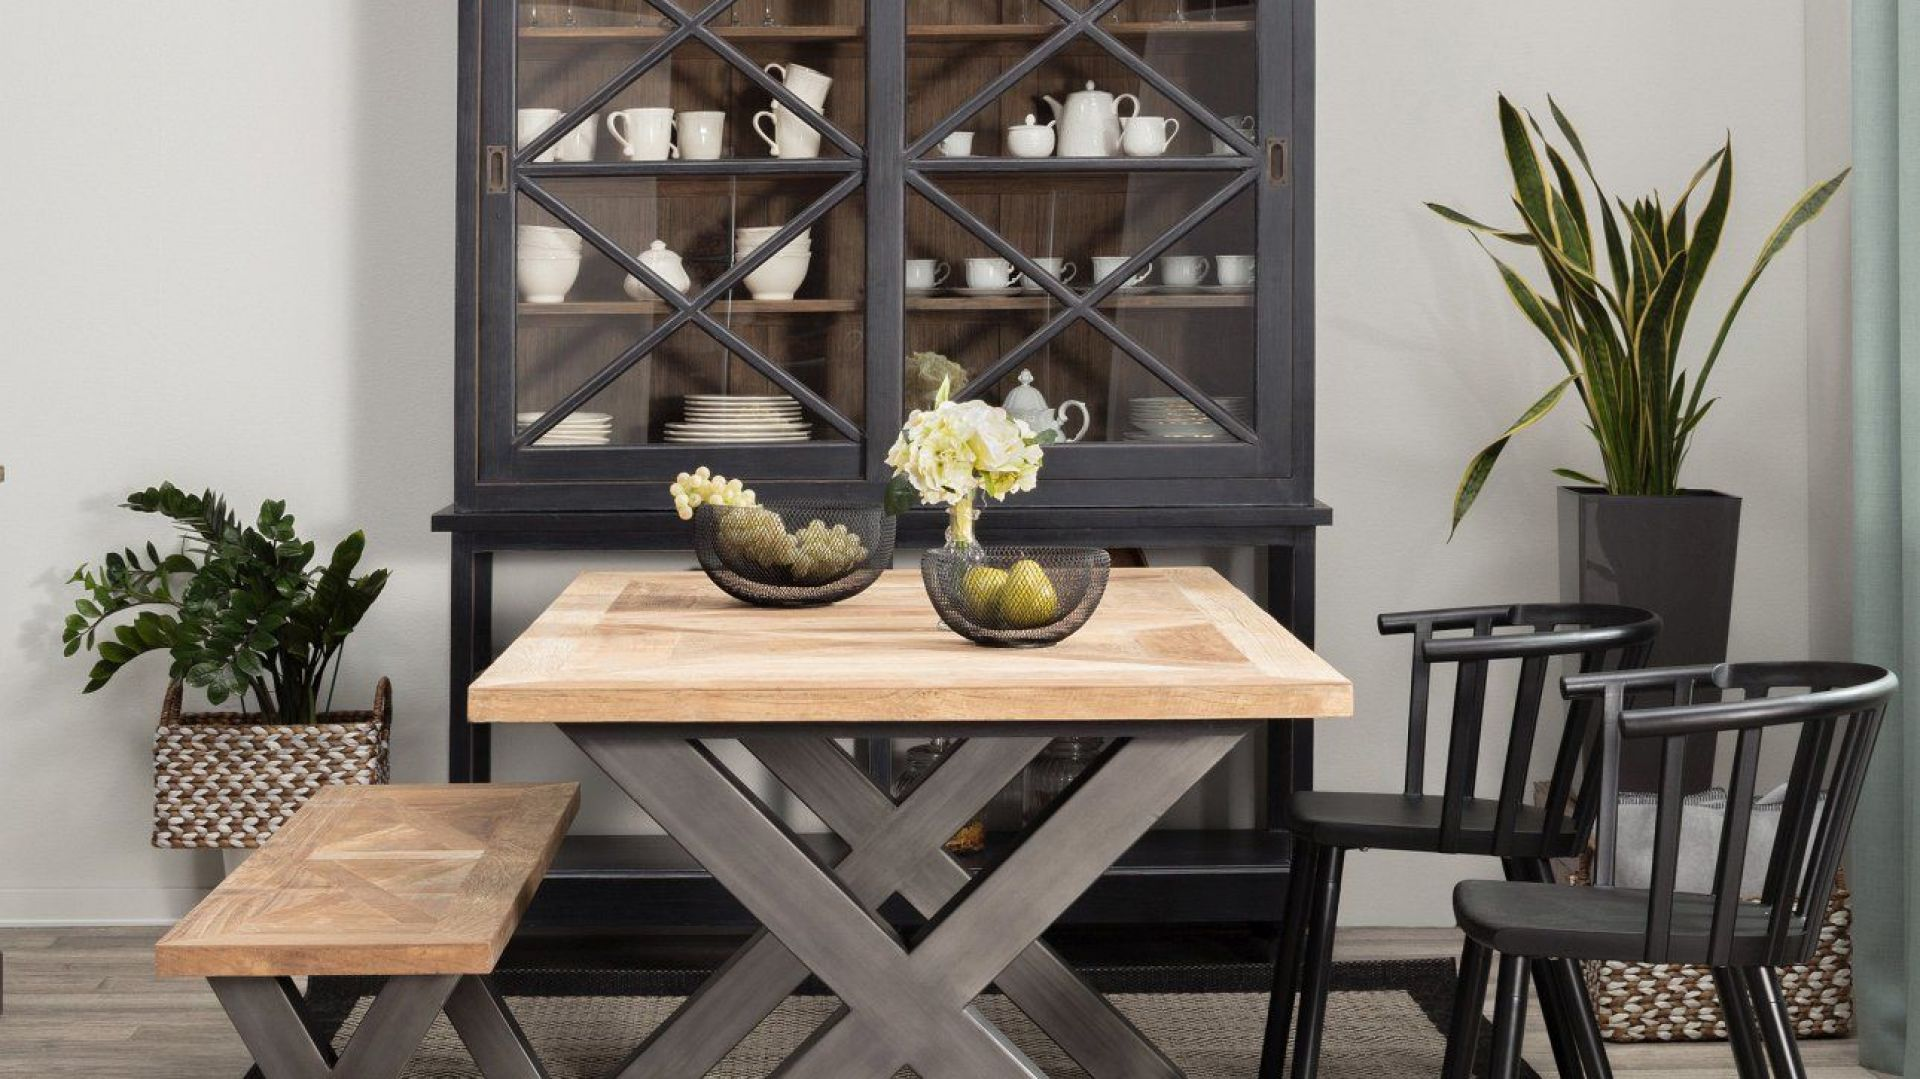 Minimalistyczne wnętrze - meble i dodatki: stół Moscal, ława Moscal, krzesła Medlen Black. Fot. Dekoria.pl